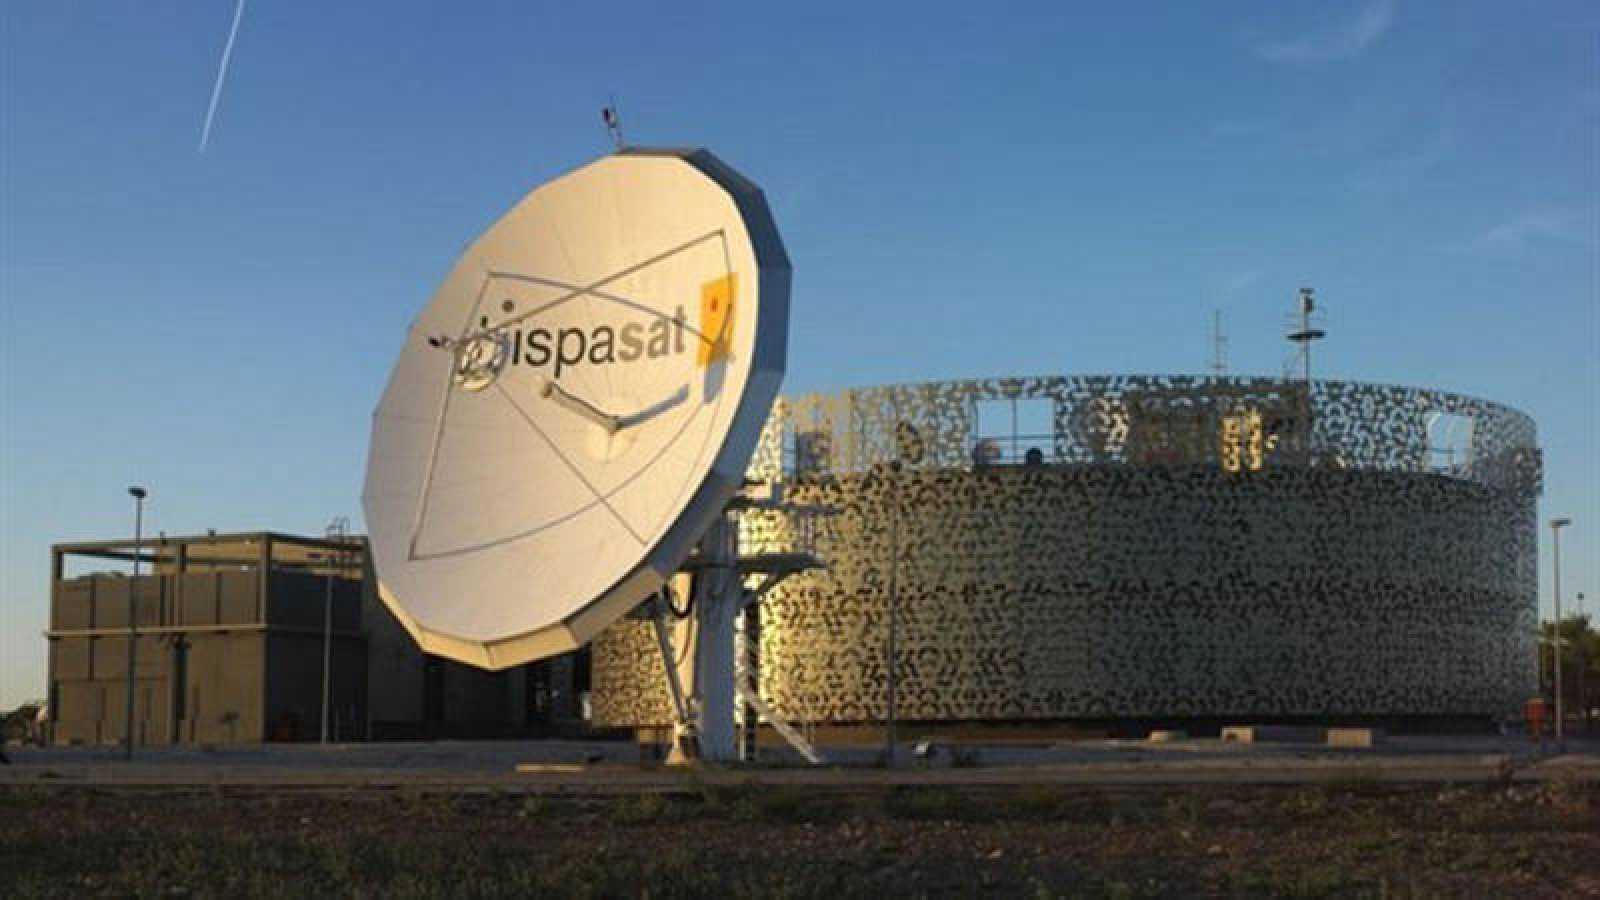 Imagen de las instalaciones de Hispasat